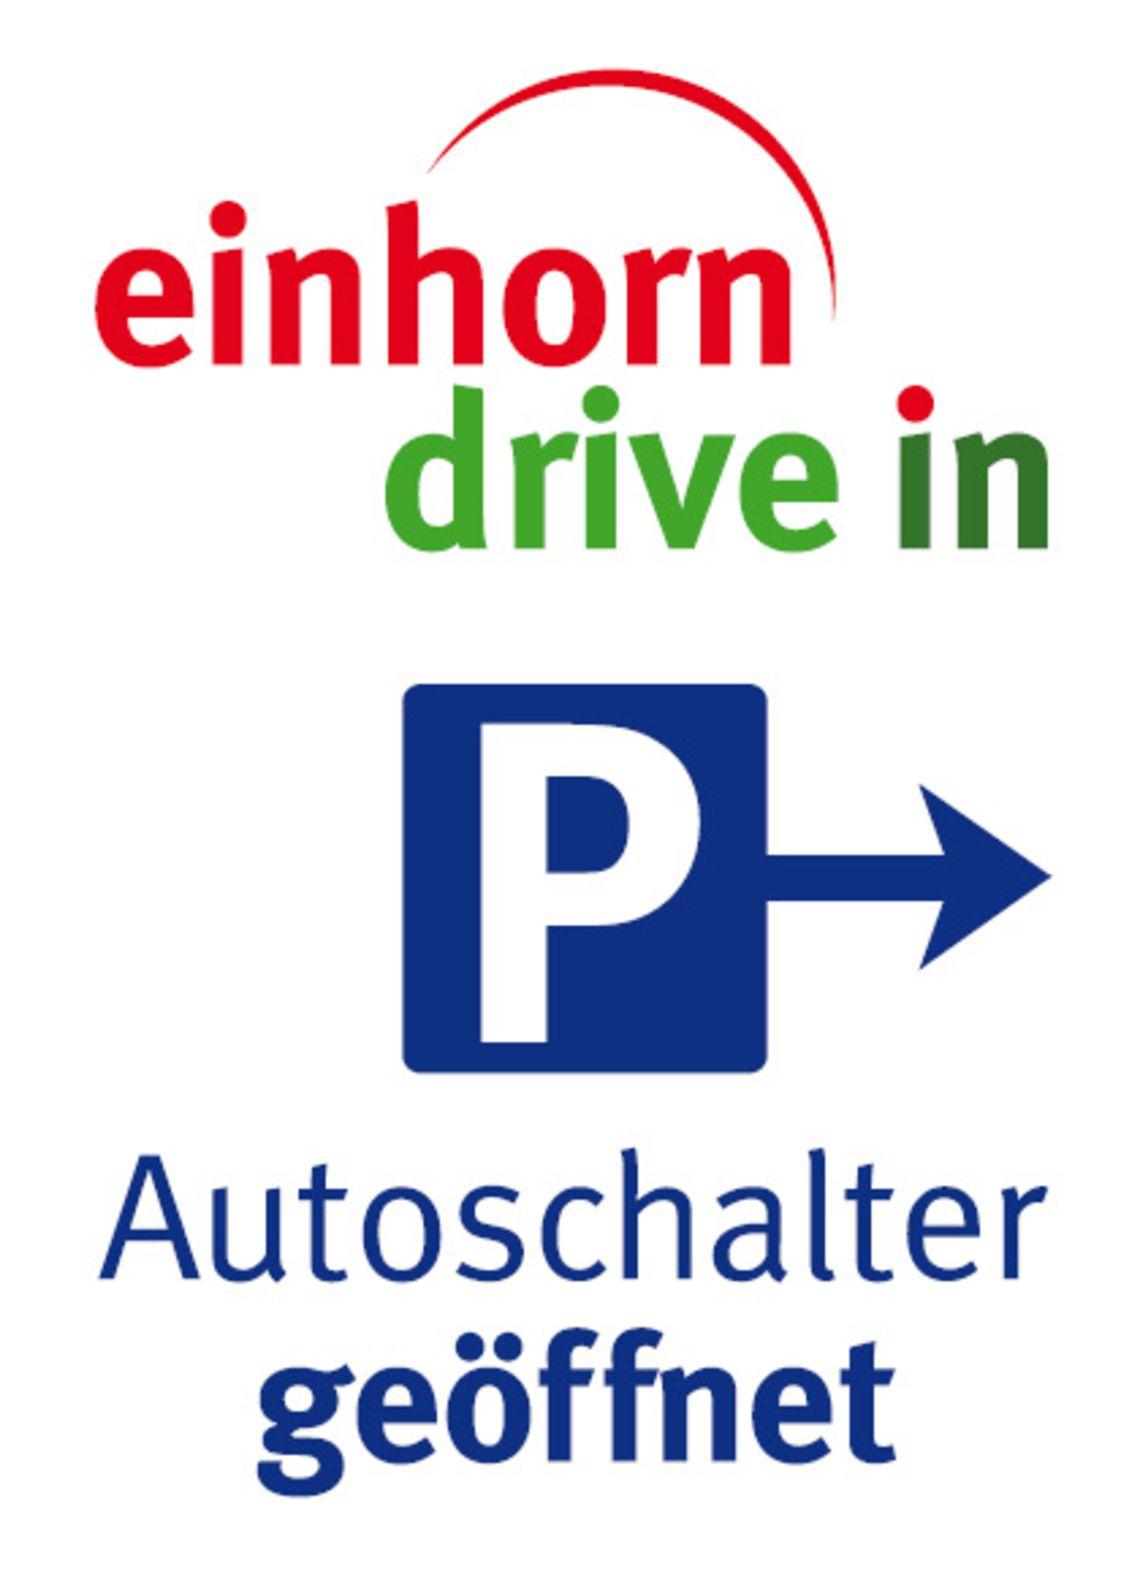 Einhorn Apotheke Autoschalter